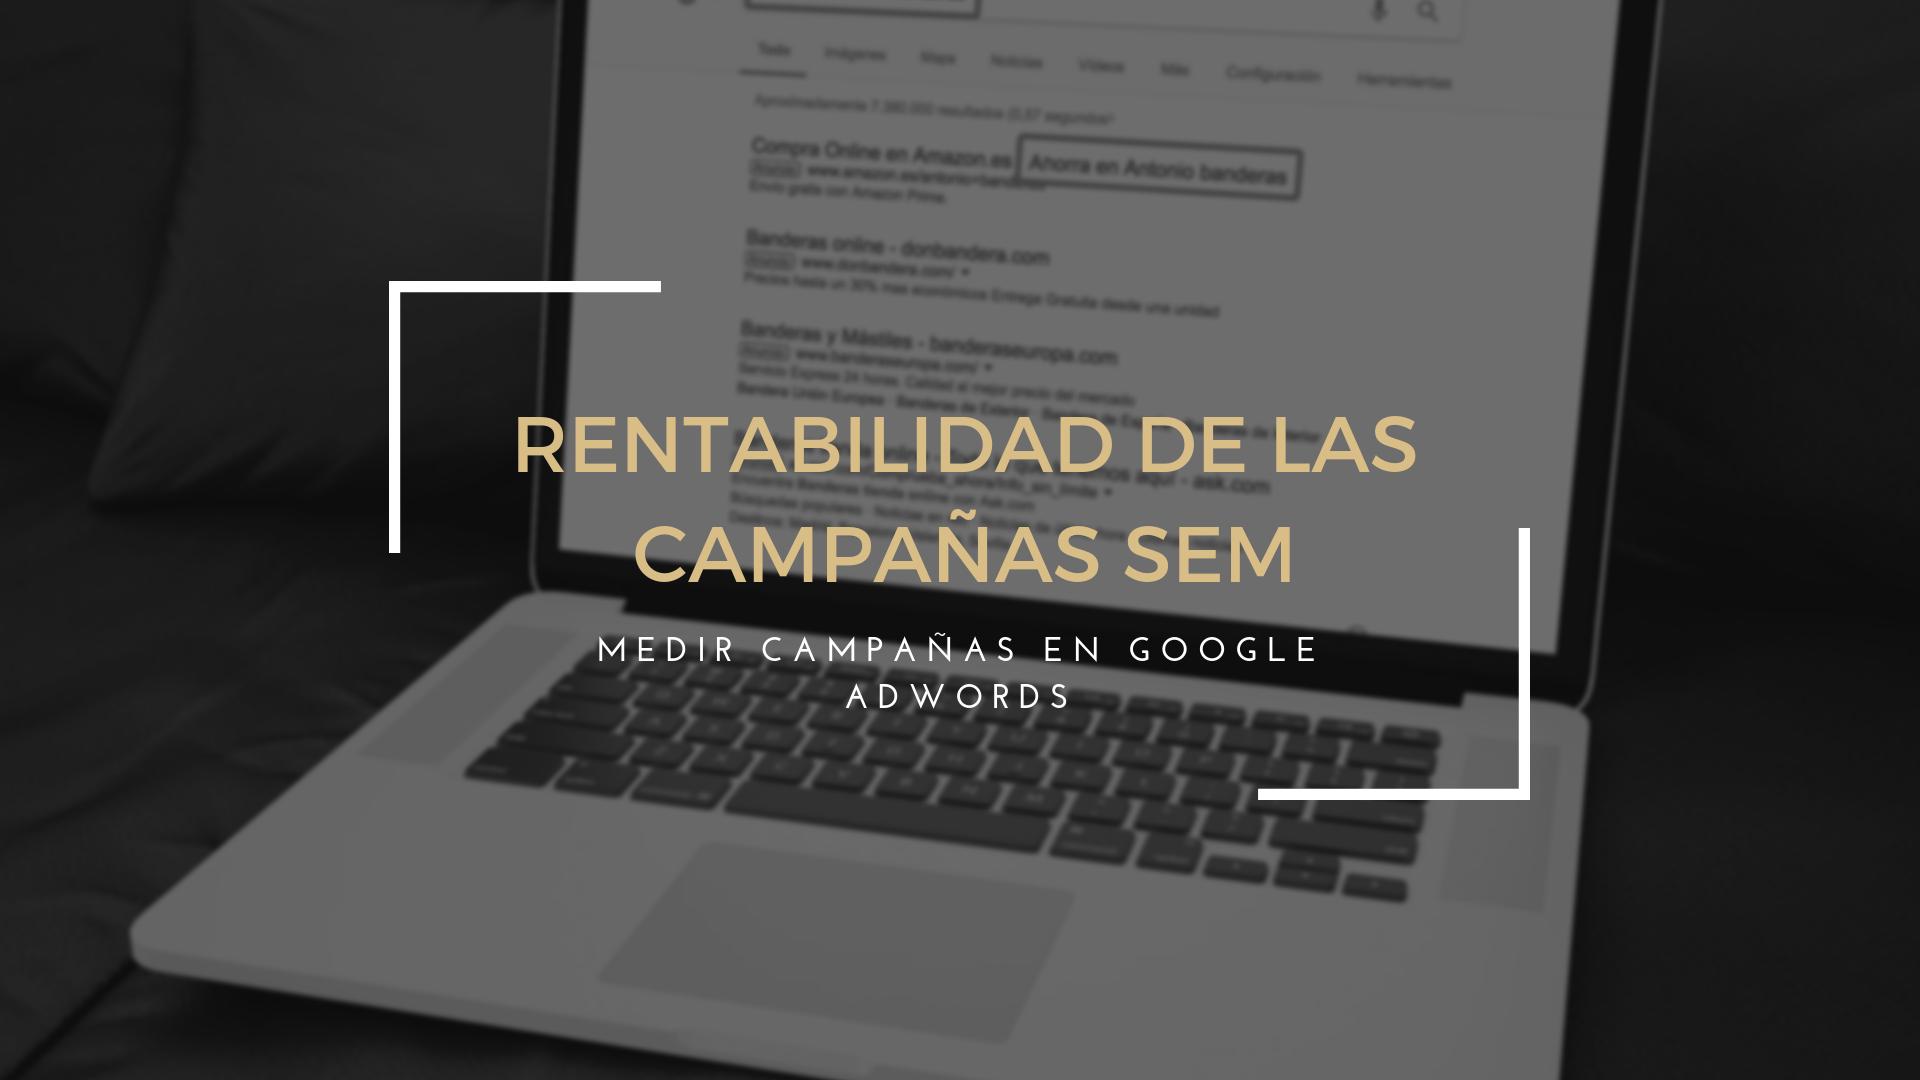 Como medir la rentabilidad de las Campañas de Google  Adwords - SEM